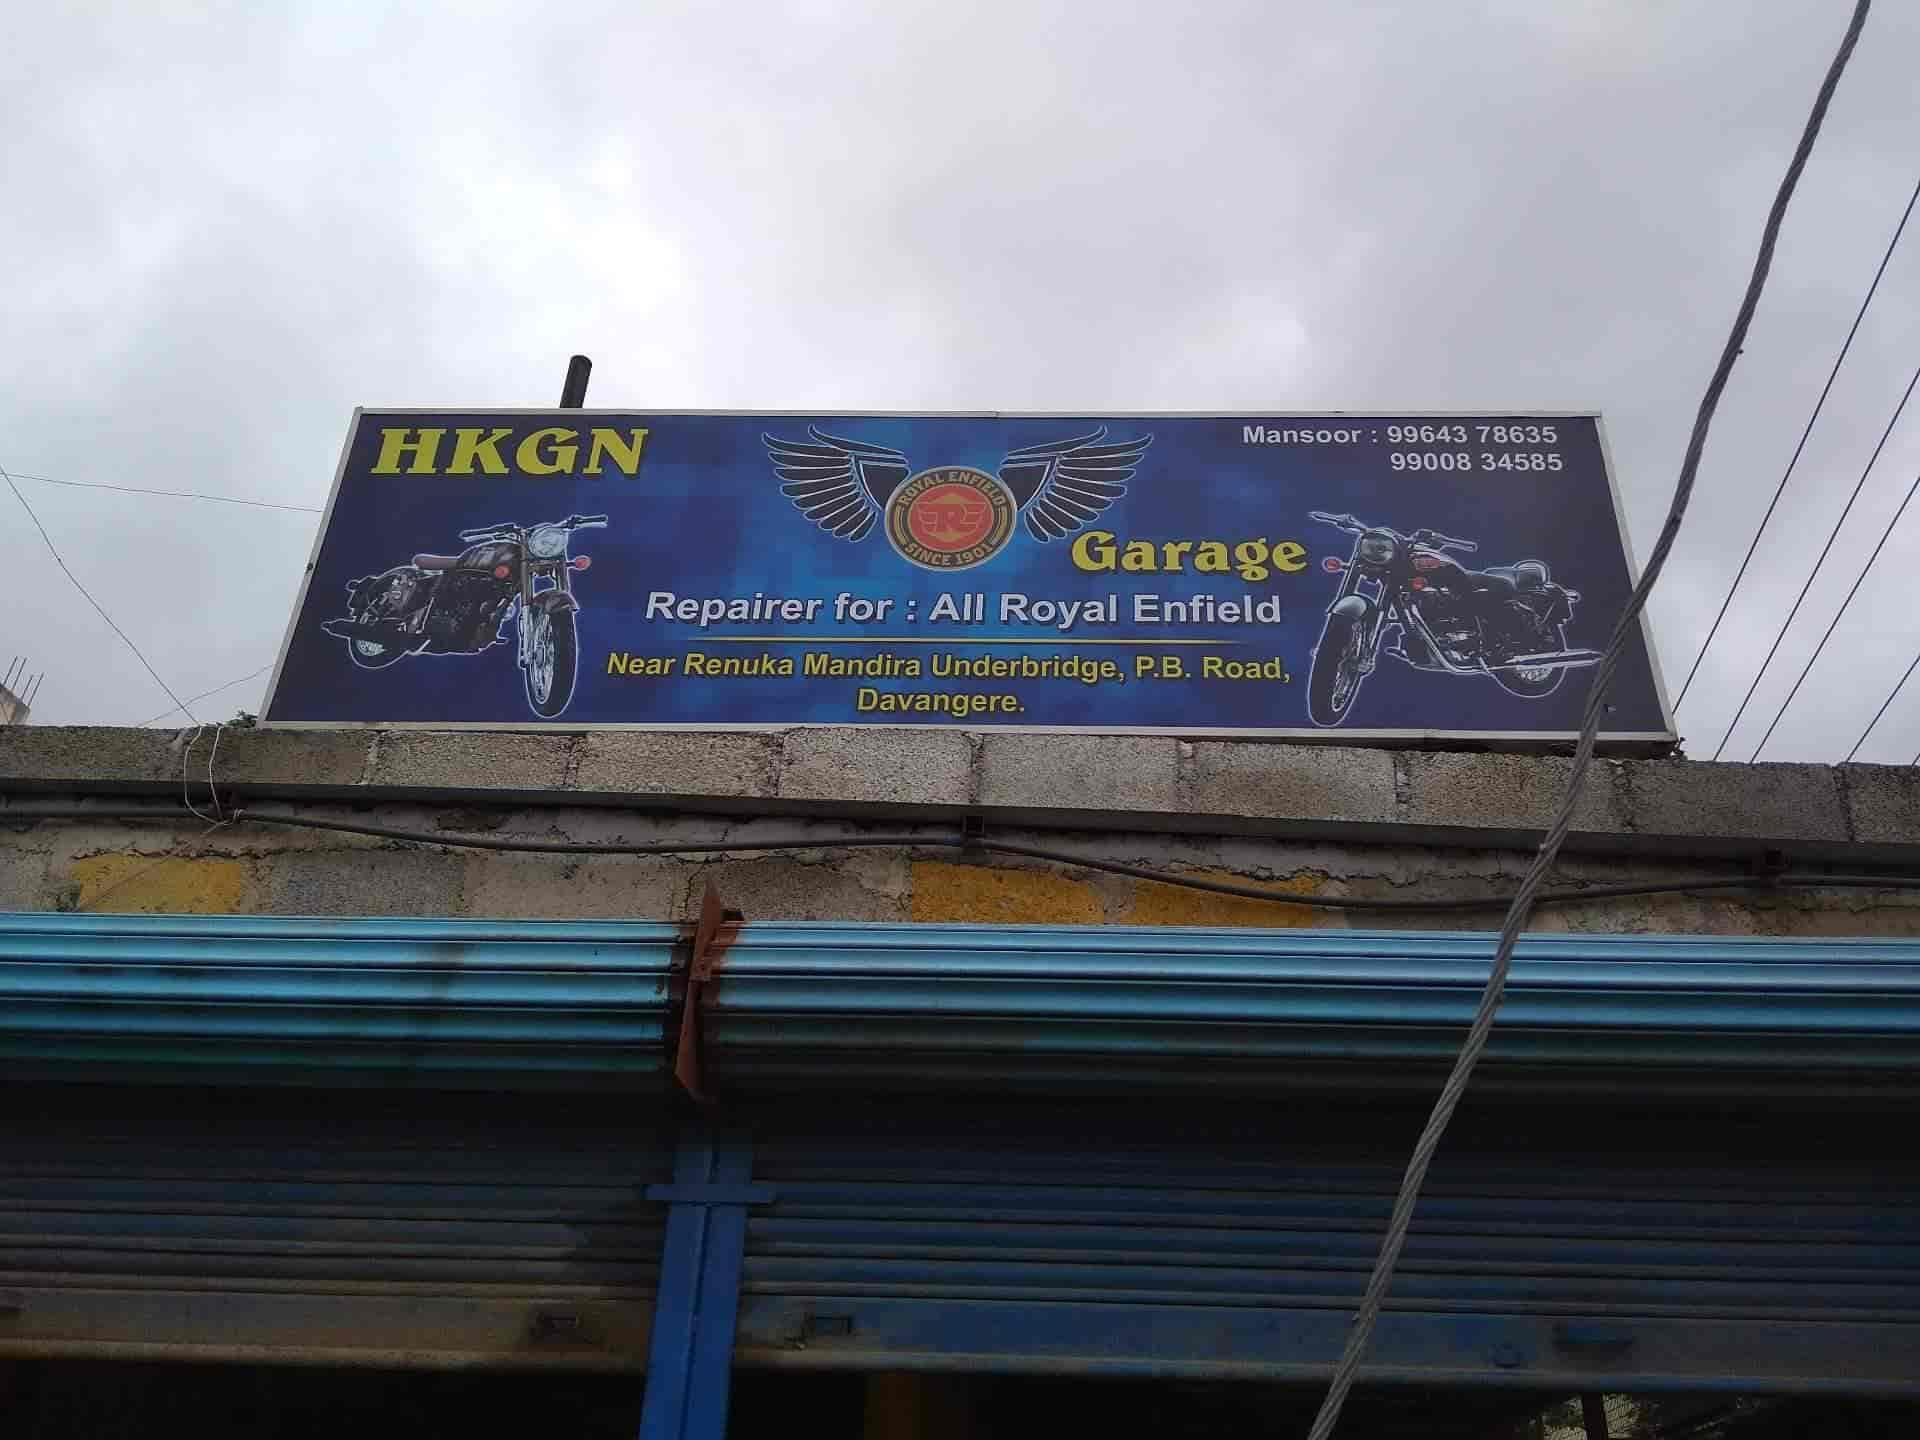 Hkgn Royal Enfield Garage, Pb Road Davangere - Garages in Davangere